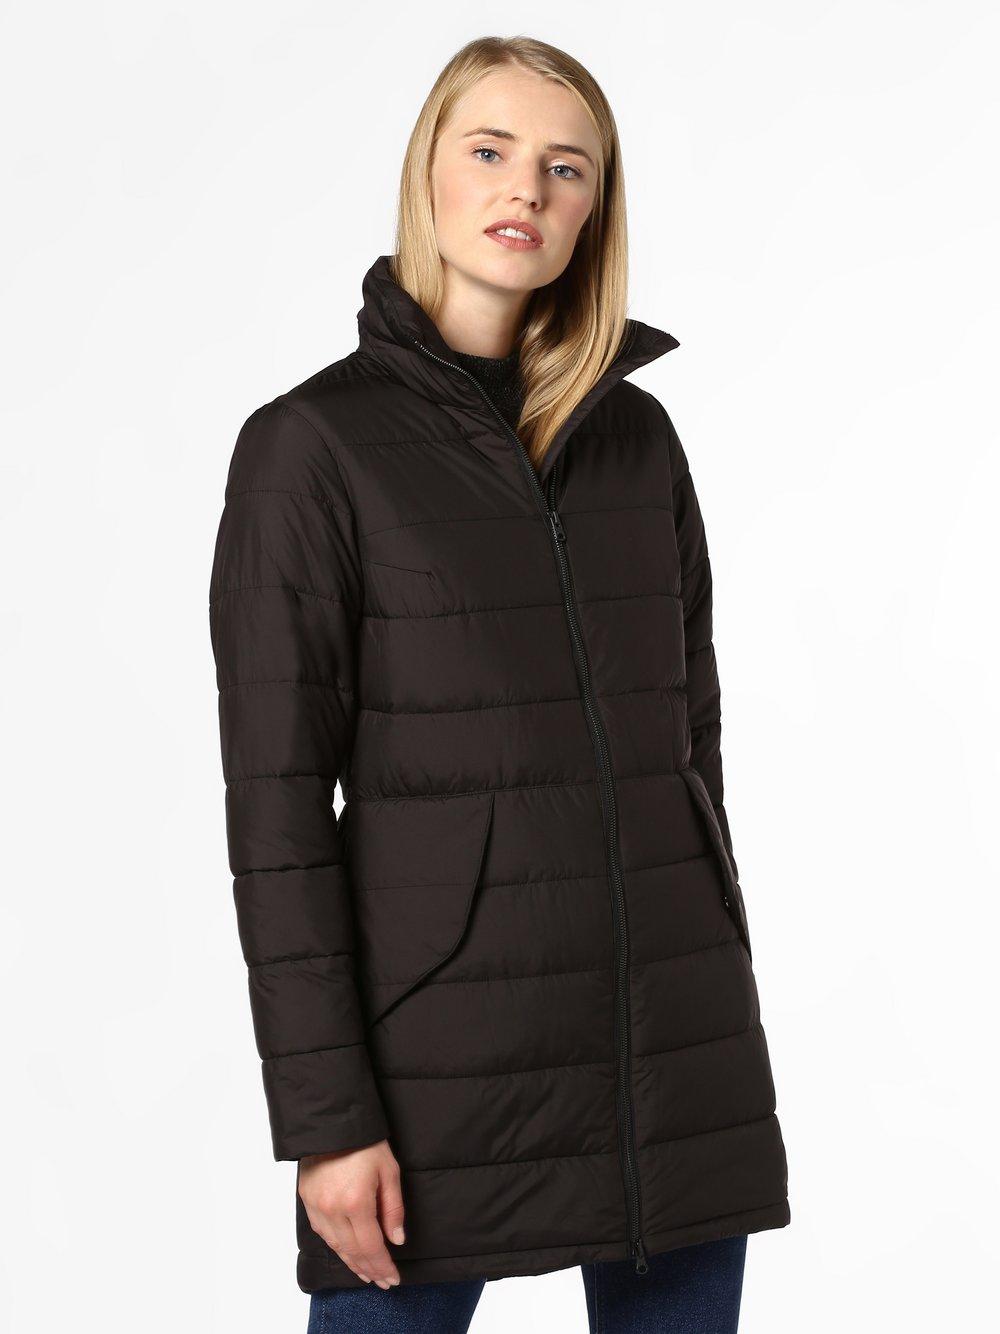 Didriksons – Damski płaszcz funkcyjny – Hildur, czarny Van Graaf 441444-0001-00440